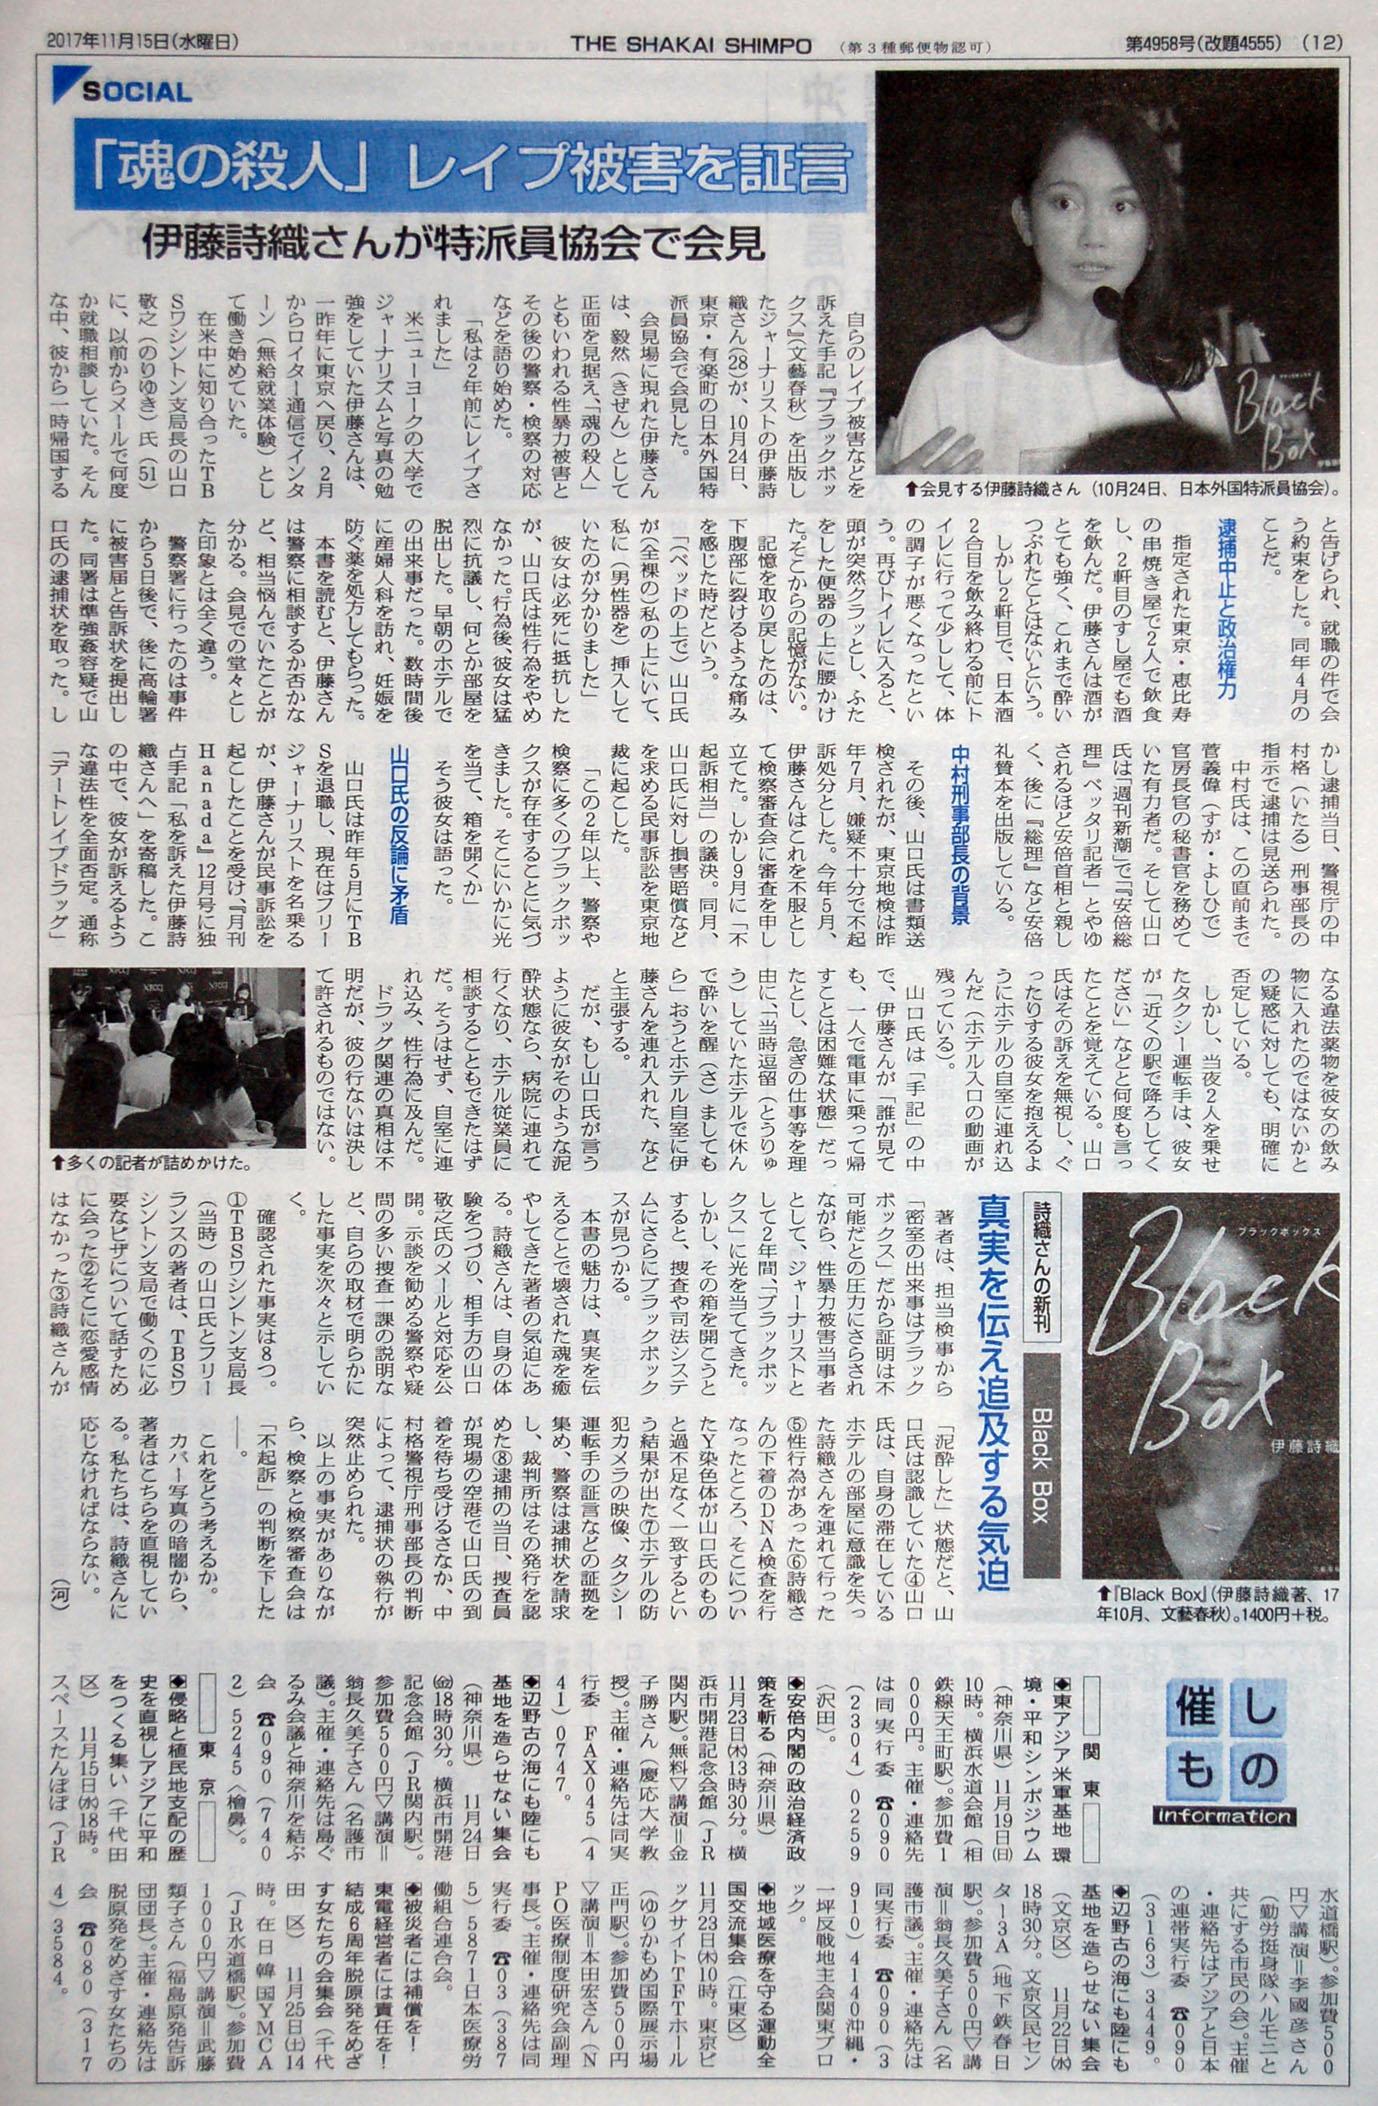 shakaishipo171111.jpg